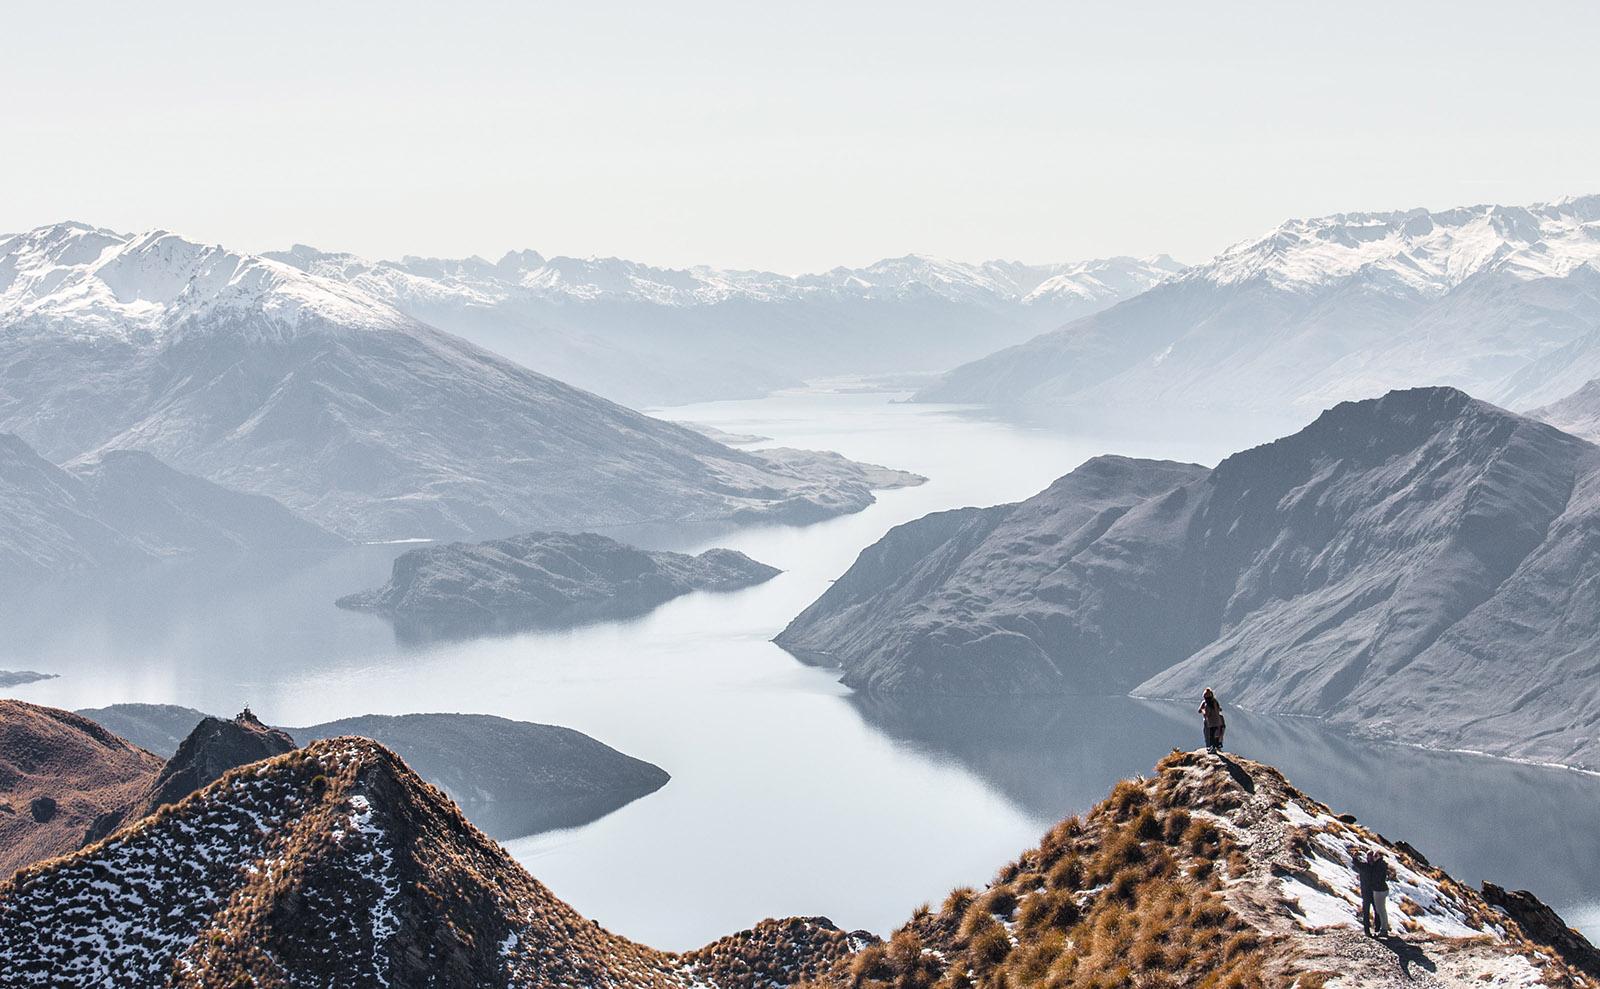 SSoP Podcast Episode 16 — New Zealand: Kiwis, Majestic Scenery, and Māori Mythology